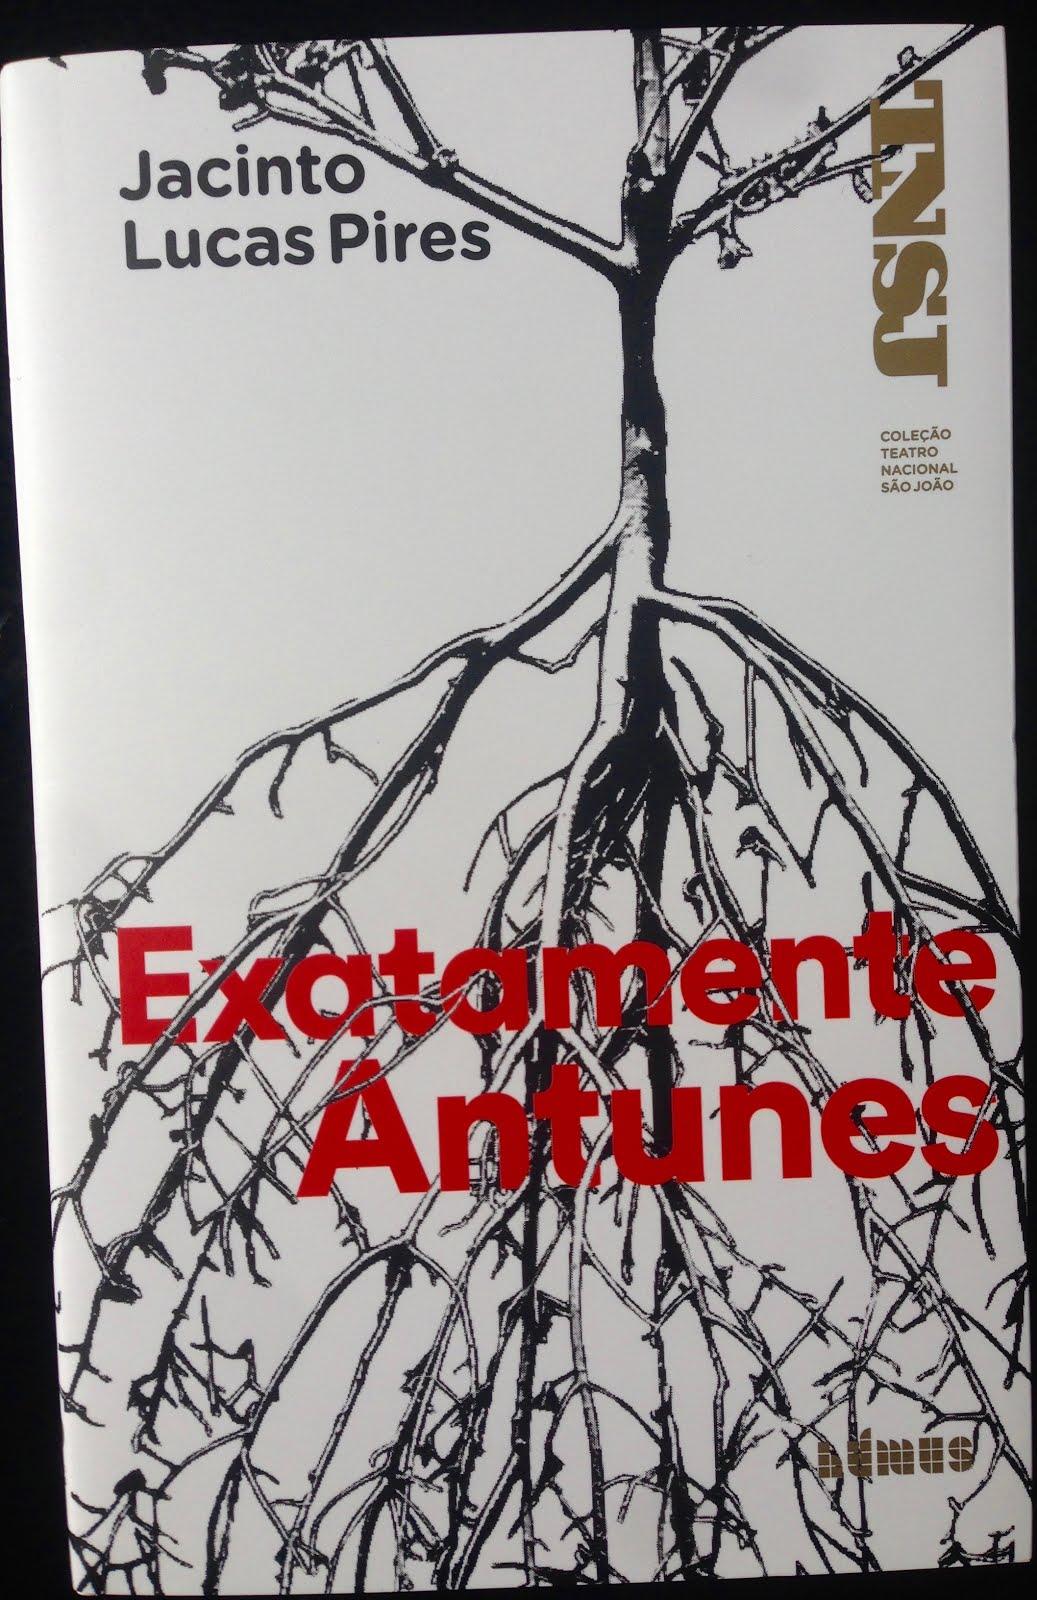 EXATAMENTE ANTUNES